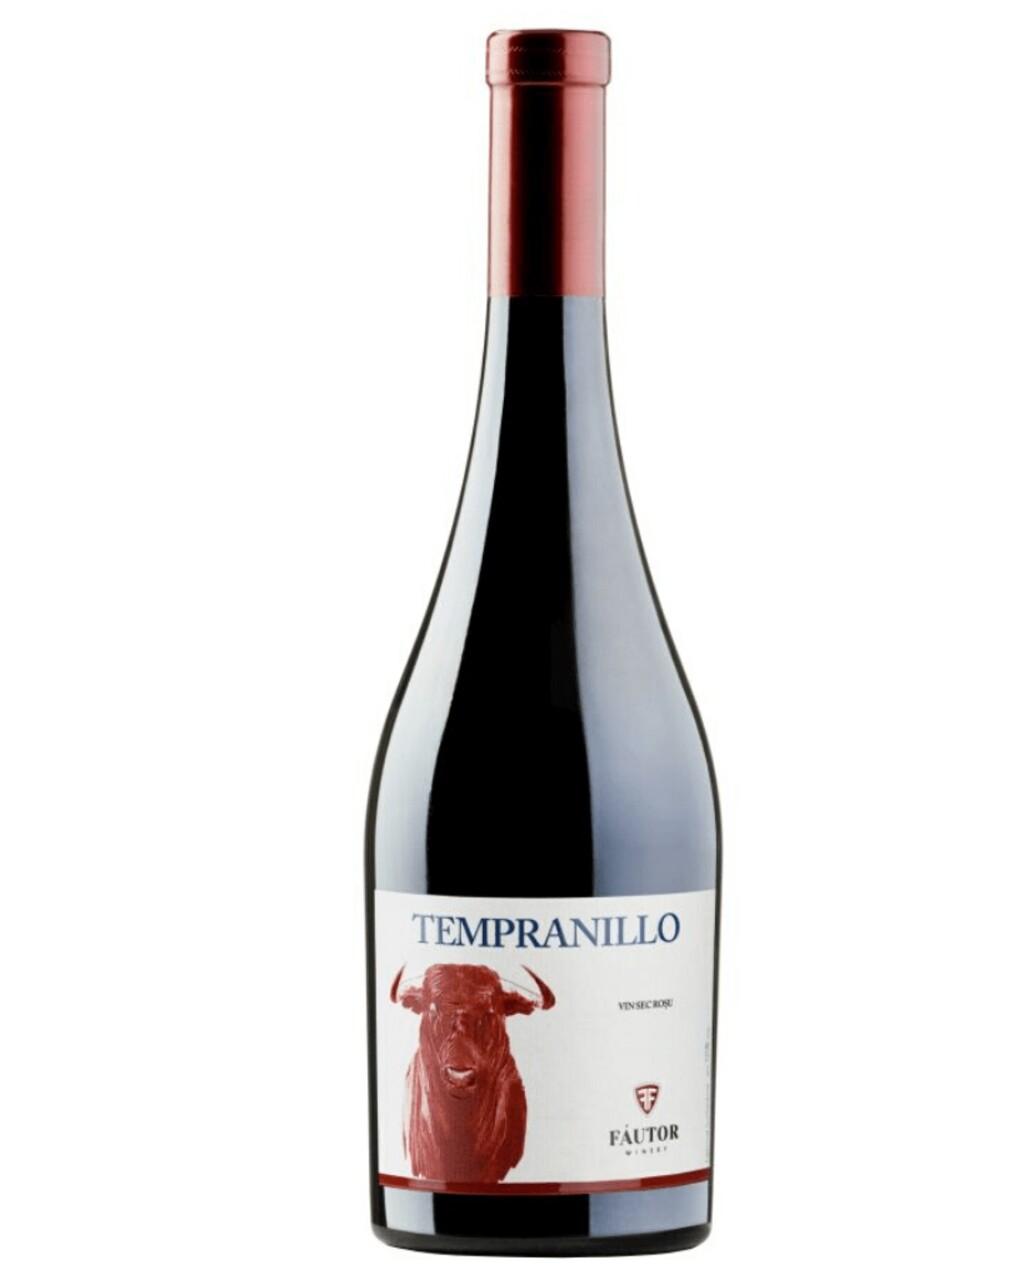 Fautor Limited Edition Tempranillo